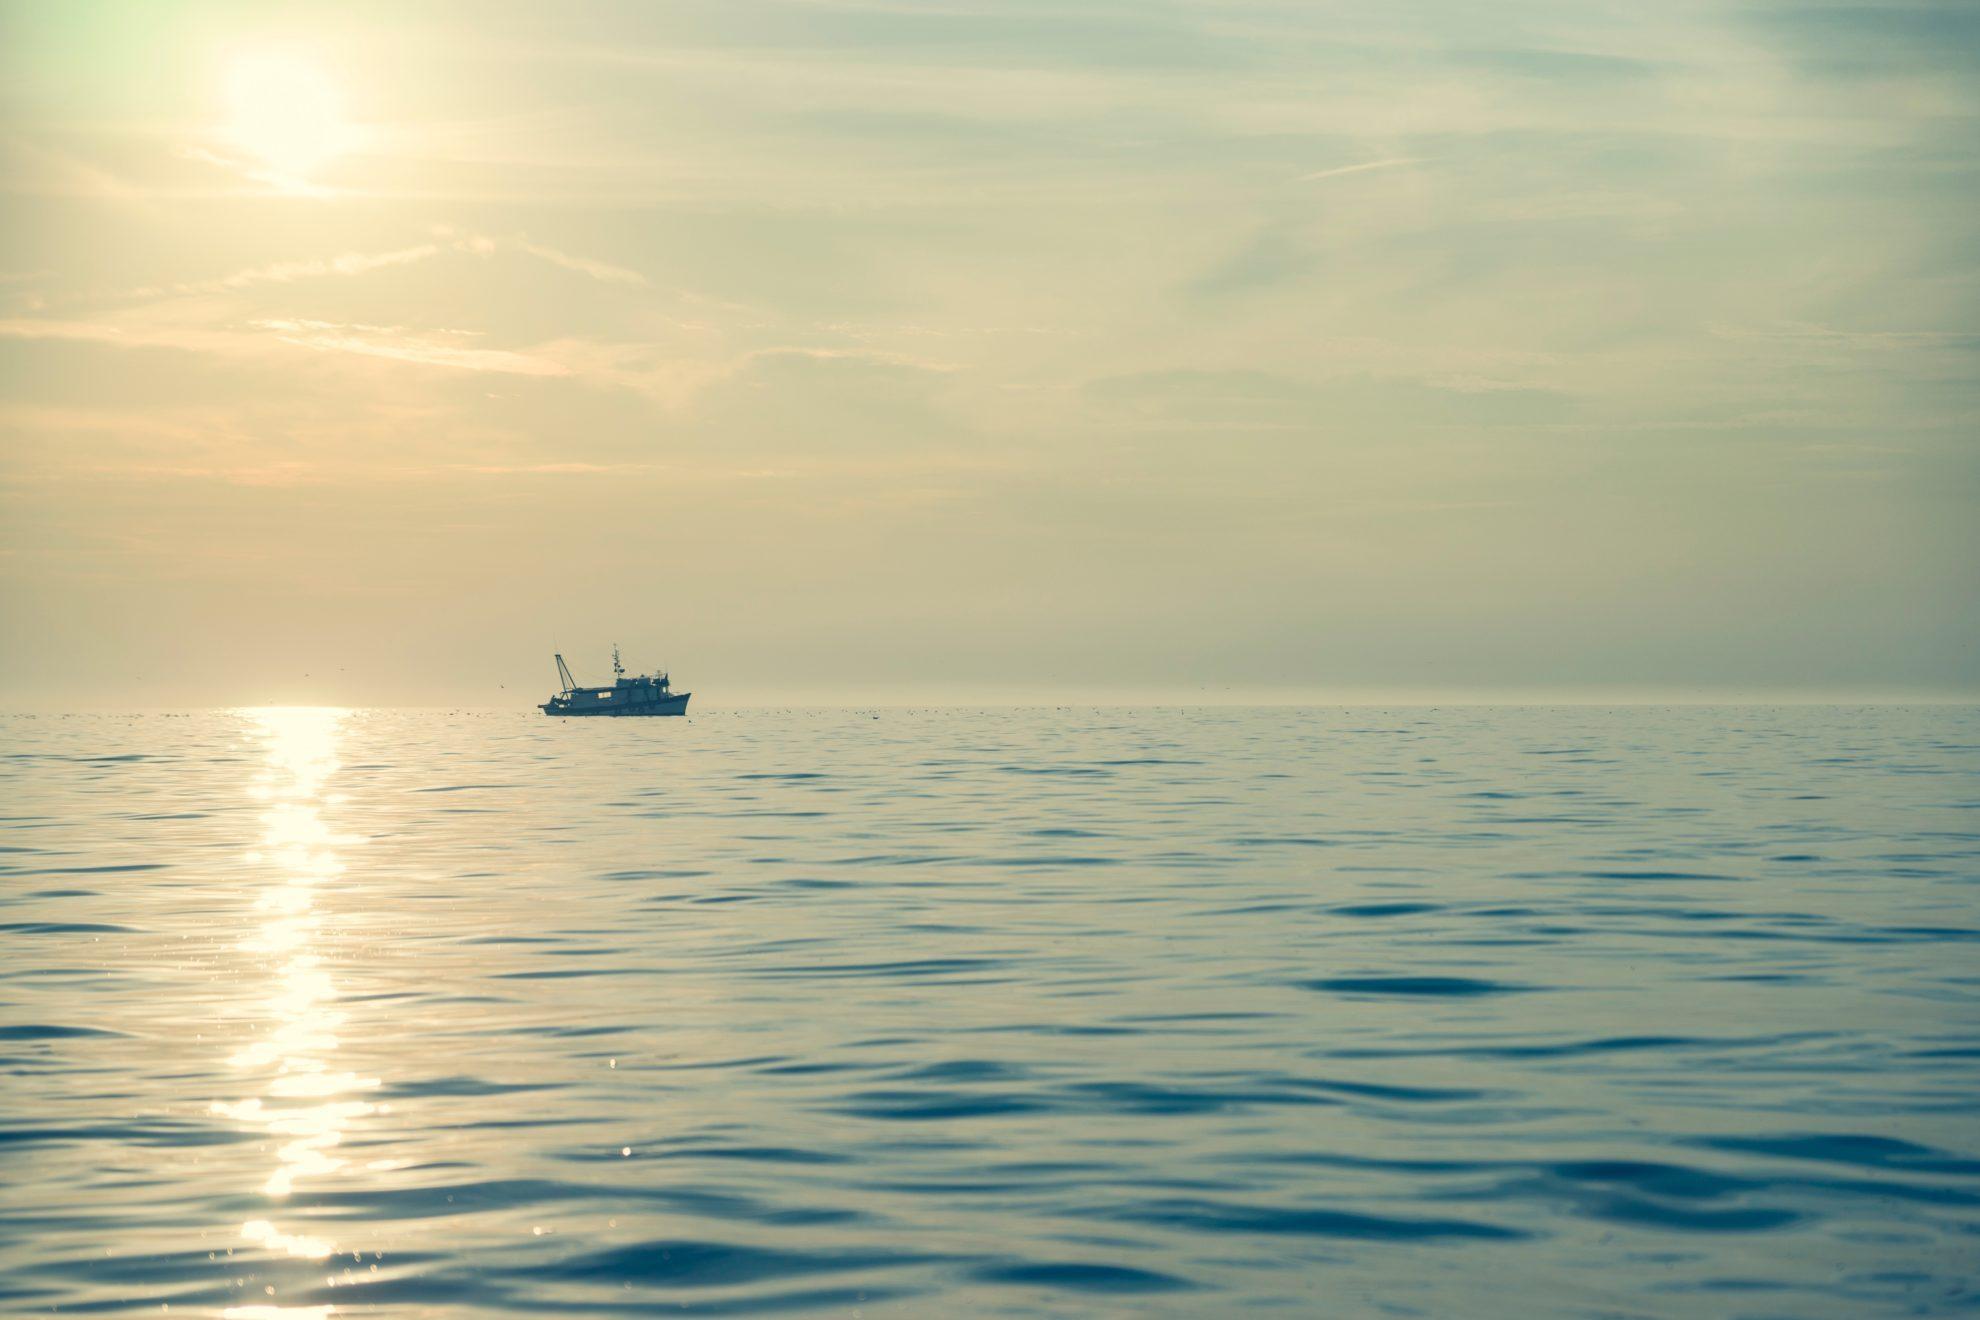 Российский ученые отправились в Индийский океан